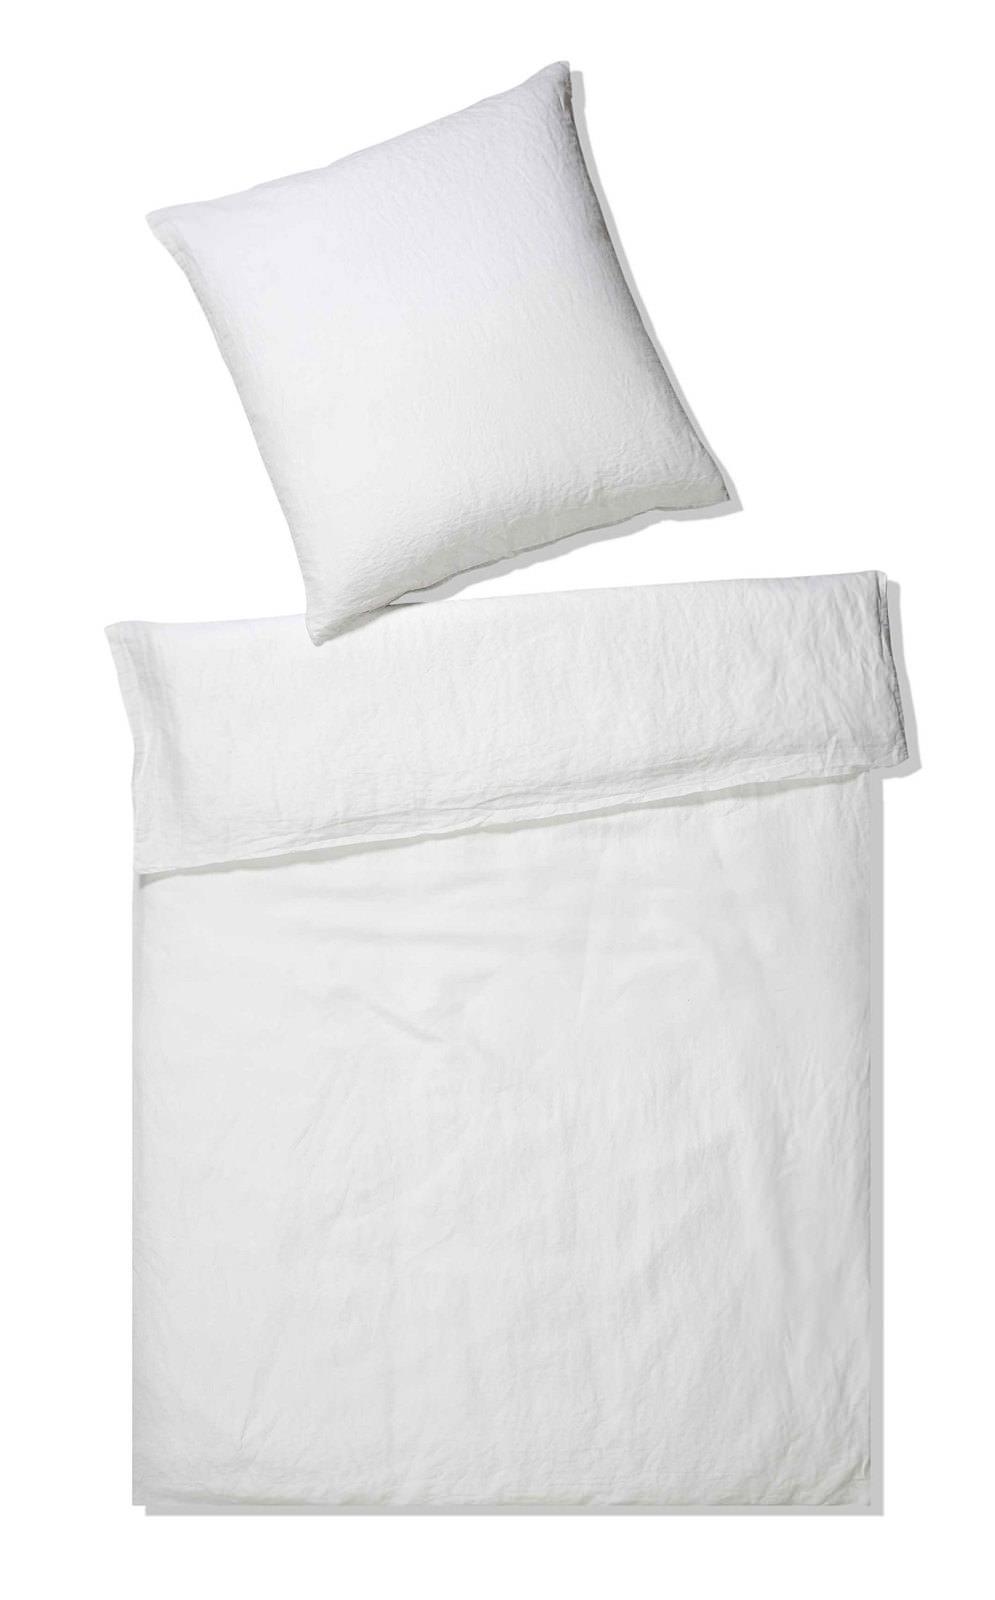 Elegante Halbleinen Bettwäsche Weiß Online Entdecken Schaffrath